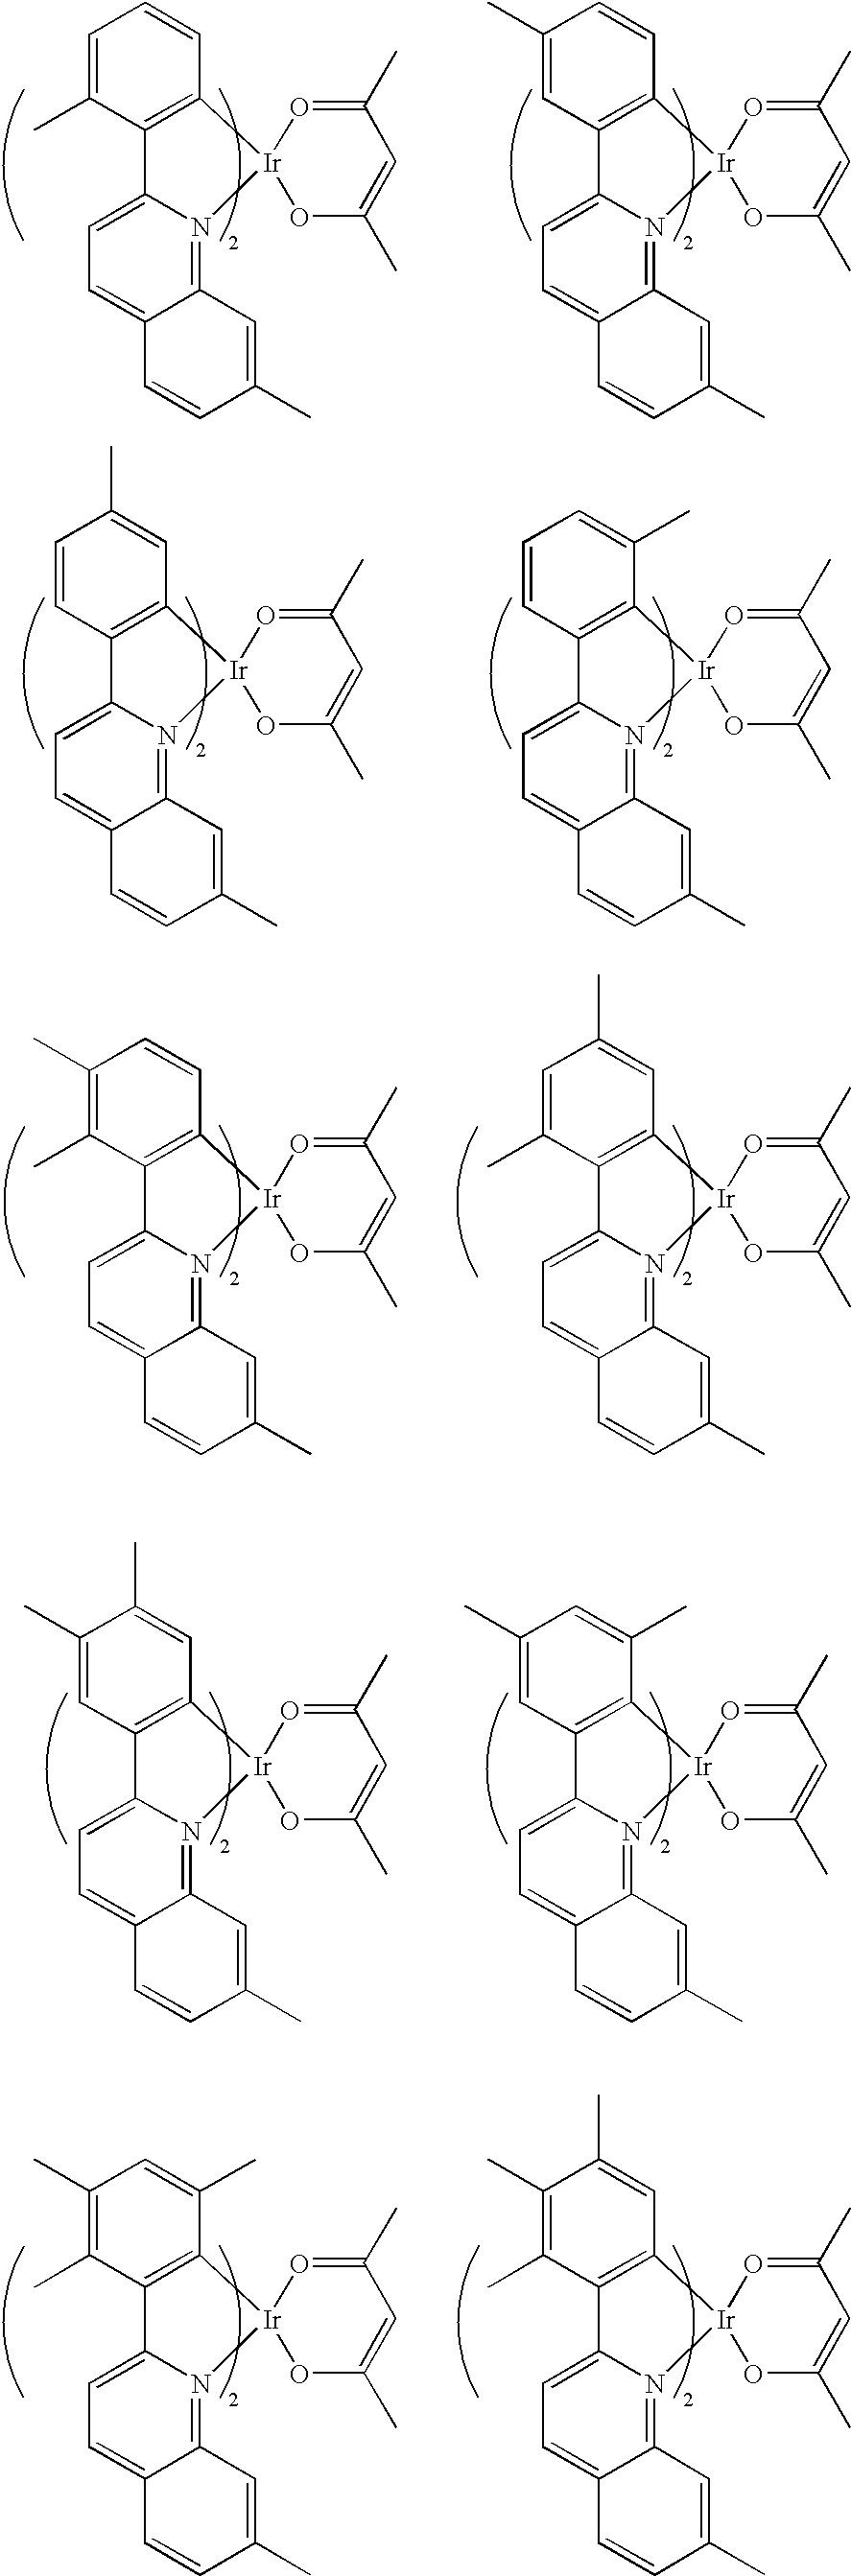 Figure US20060202194A1-20060914-C00028